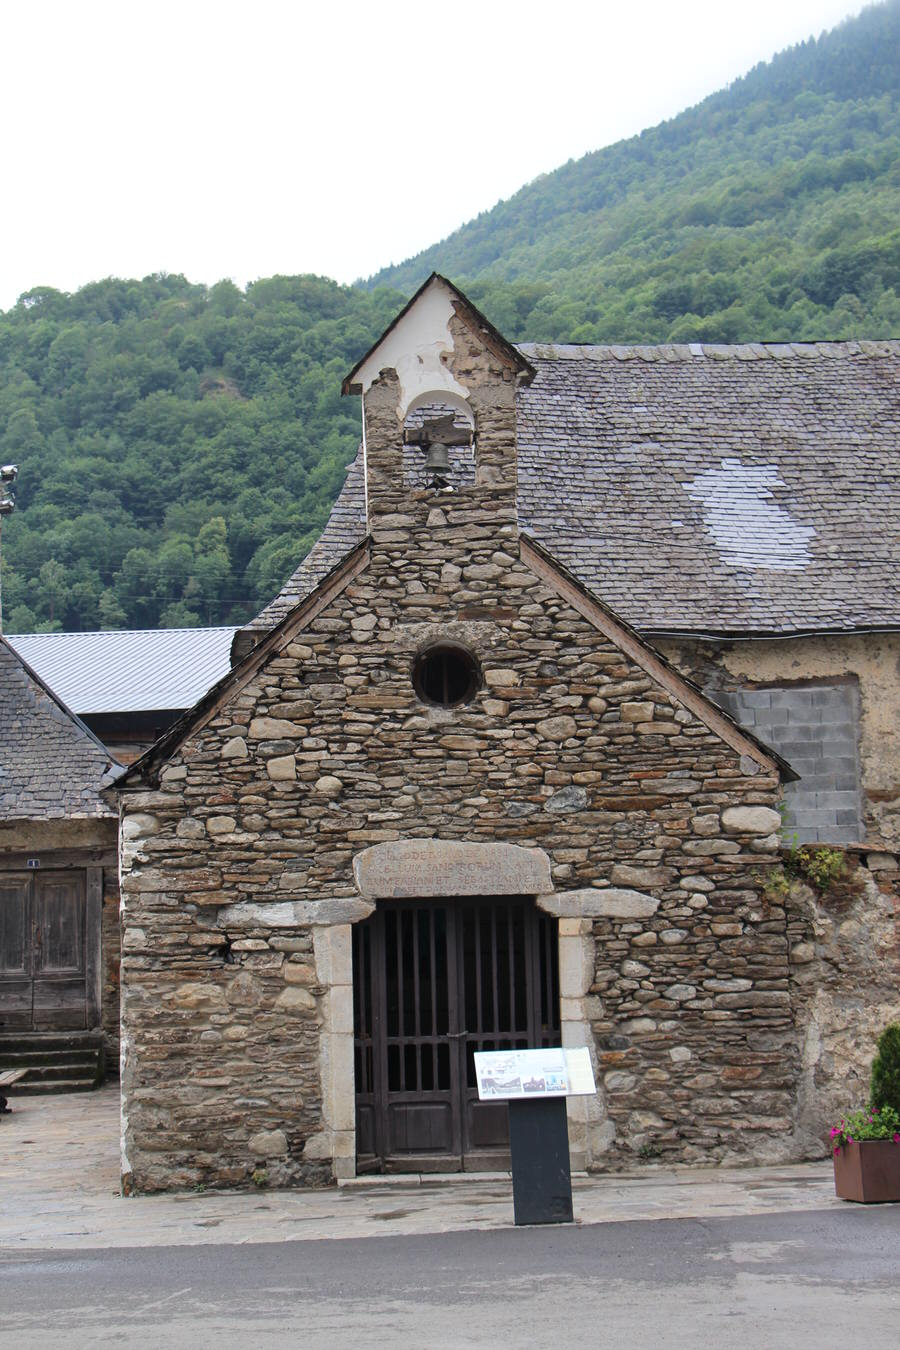 Una de las ermitas que forman el recorrido junto al puente que divide el pueblo, Bossots